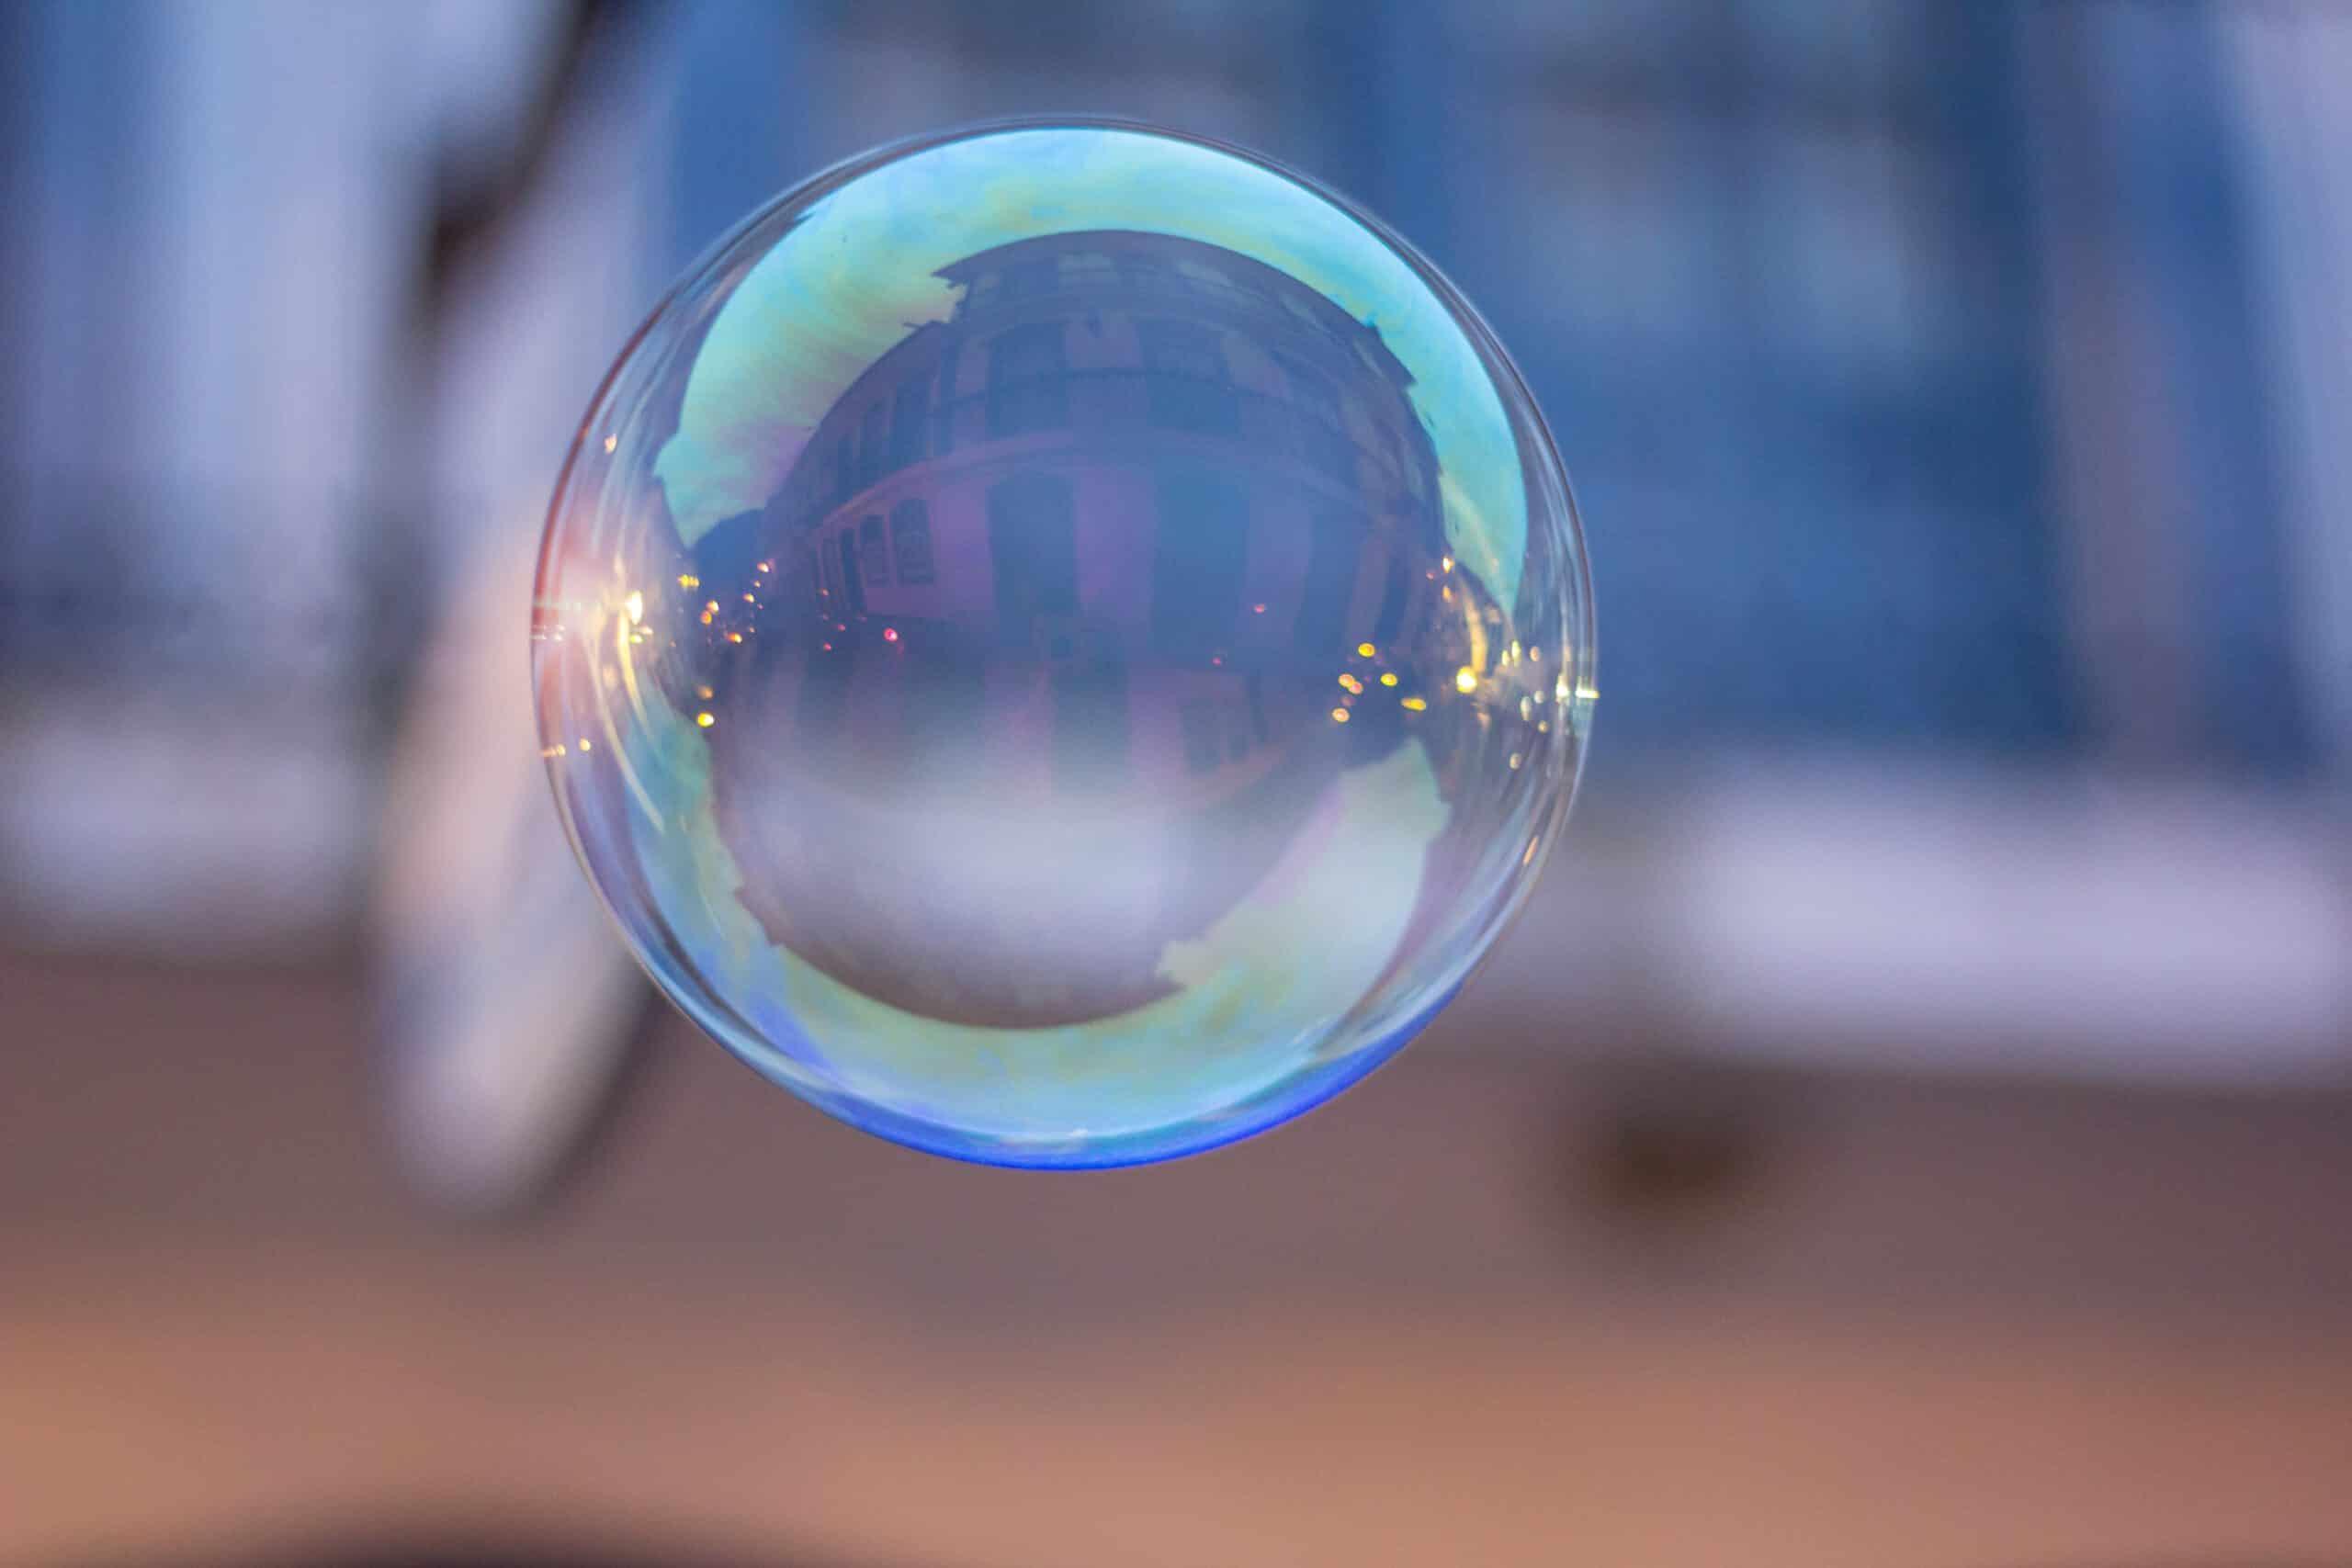 Corona-Krise & die Immobilienblase. Droht ein Wertverlust der Immobilien?